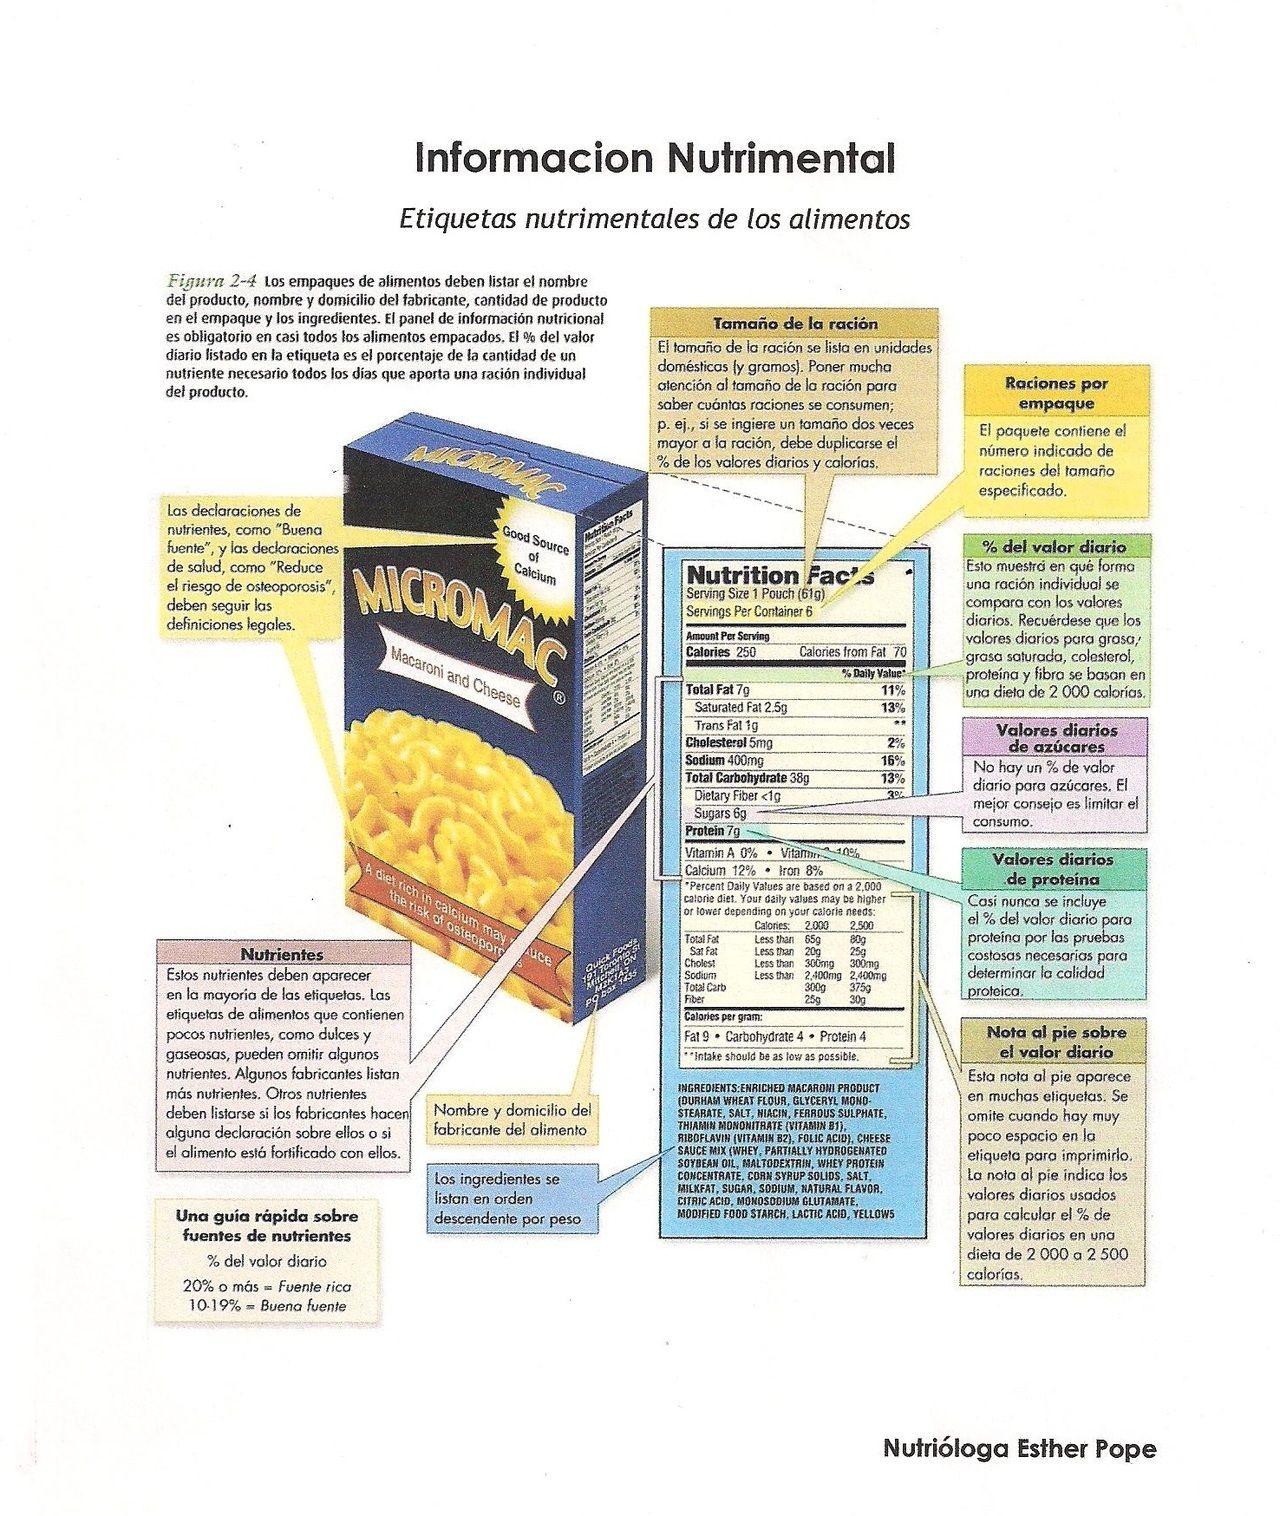 Informacion Nutrimental En Las Etiquetas De Los Alimentos